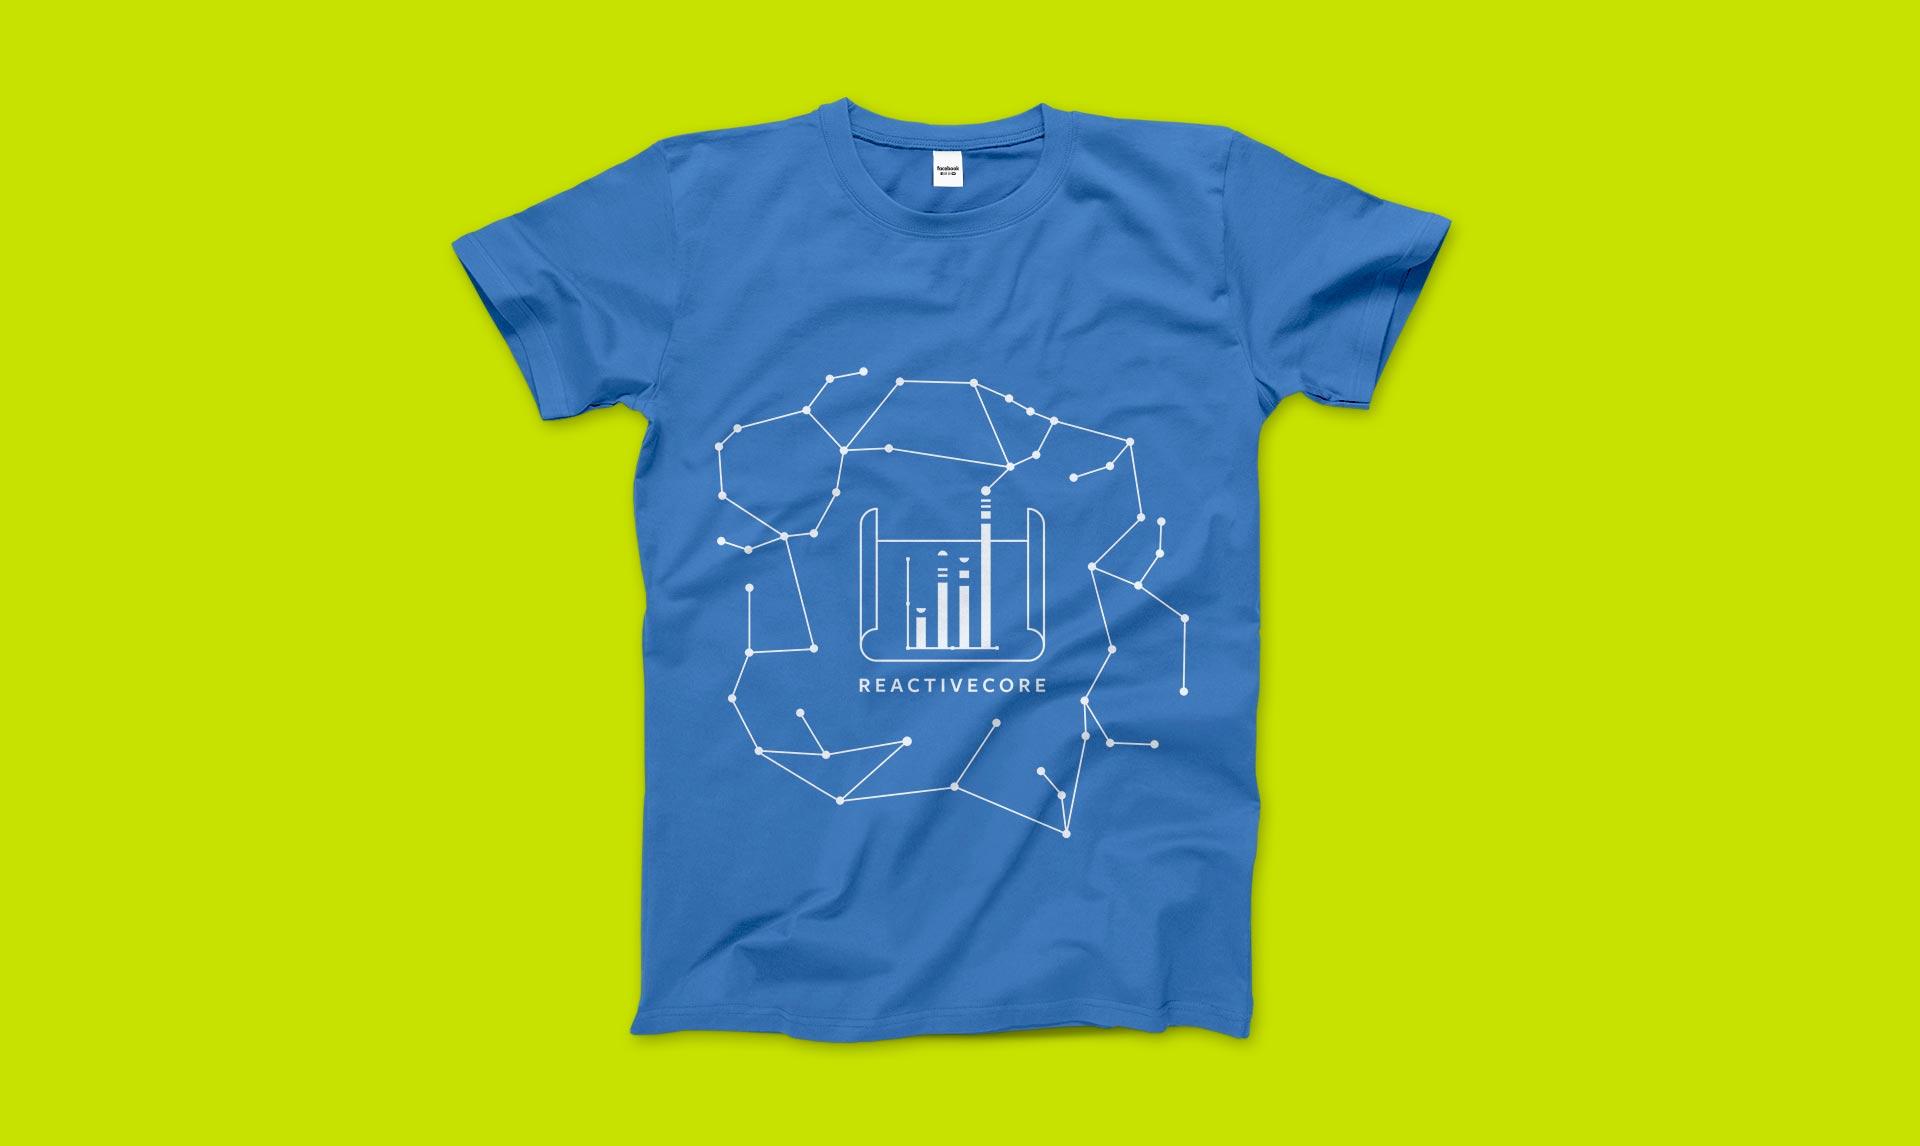 facebook-t-shirt-design